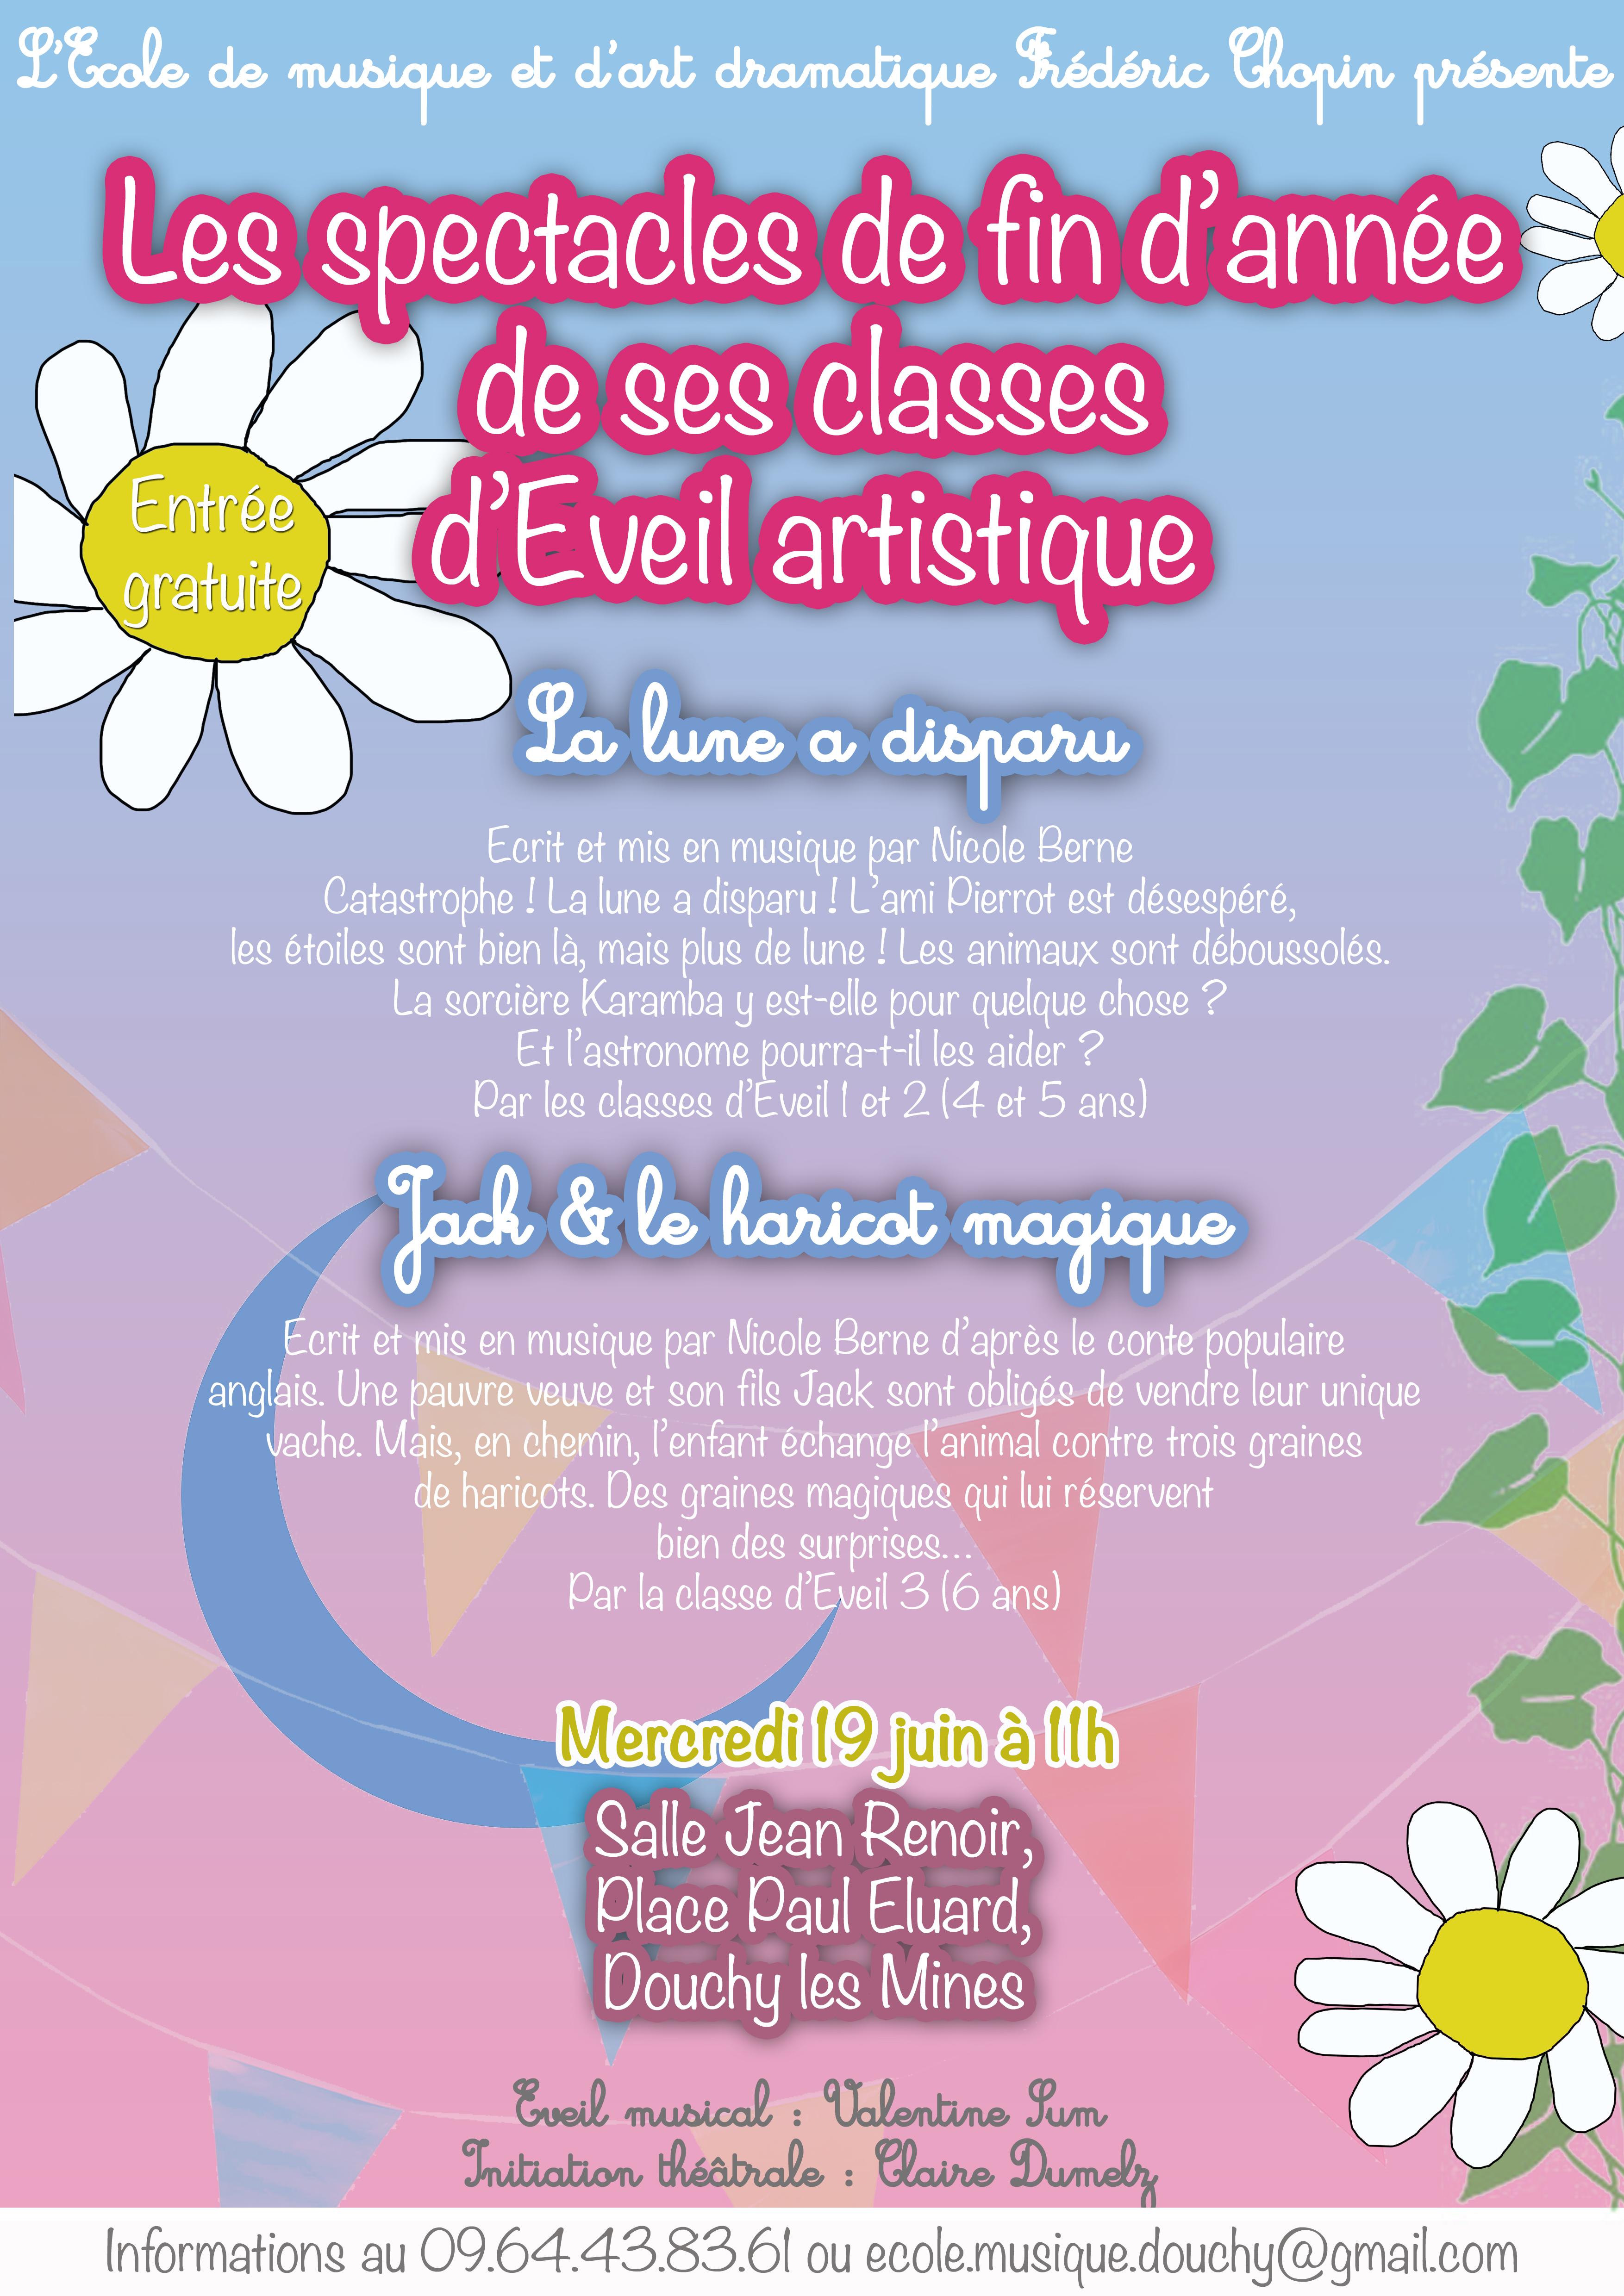 Graines Et Plantes Calendrier Lunaire Juillet 2020.Spectacles De Fin D Annee De L Ecole Frederic Chopin Ville